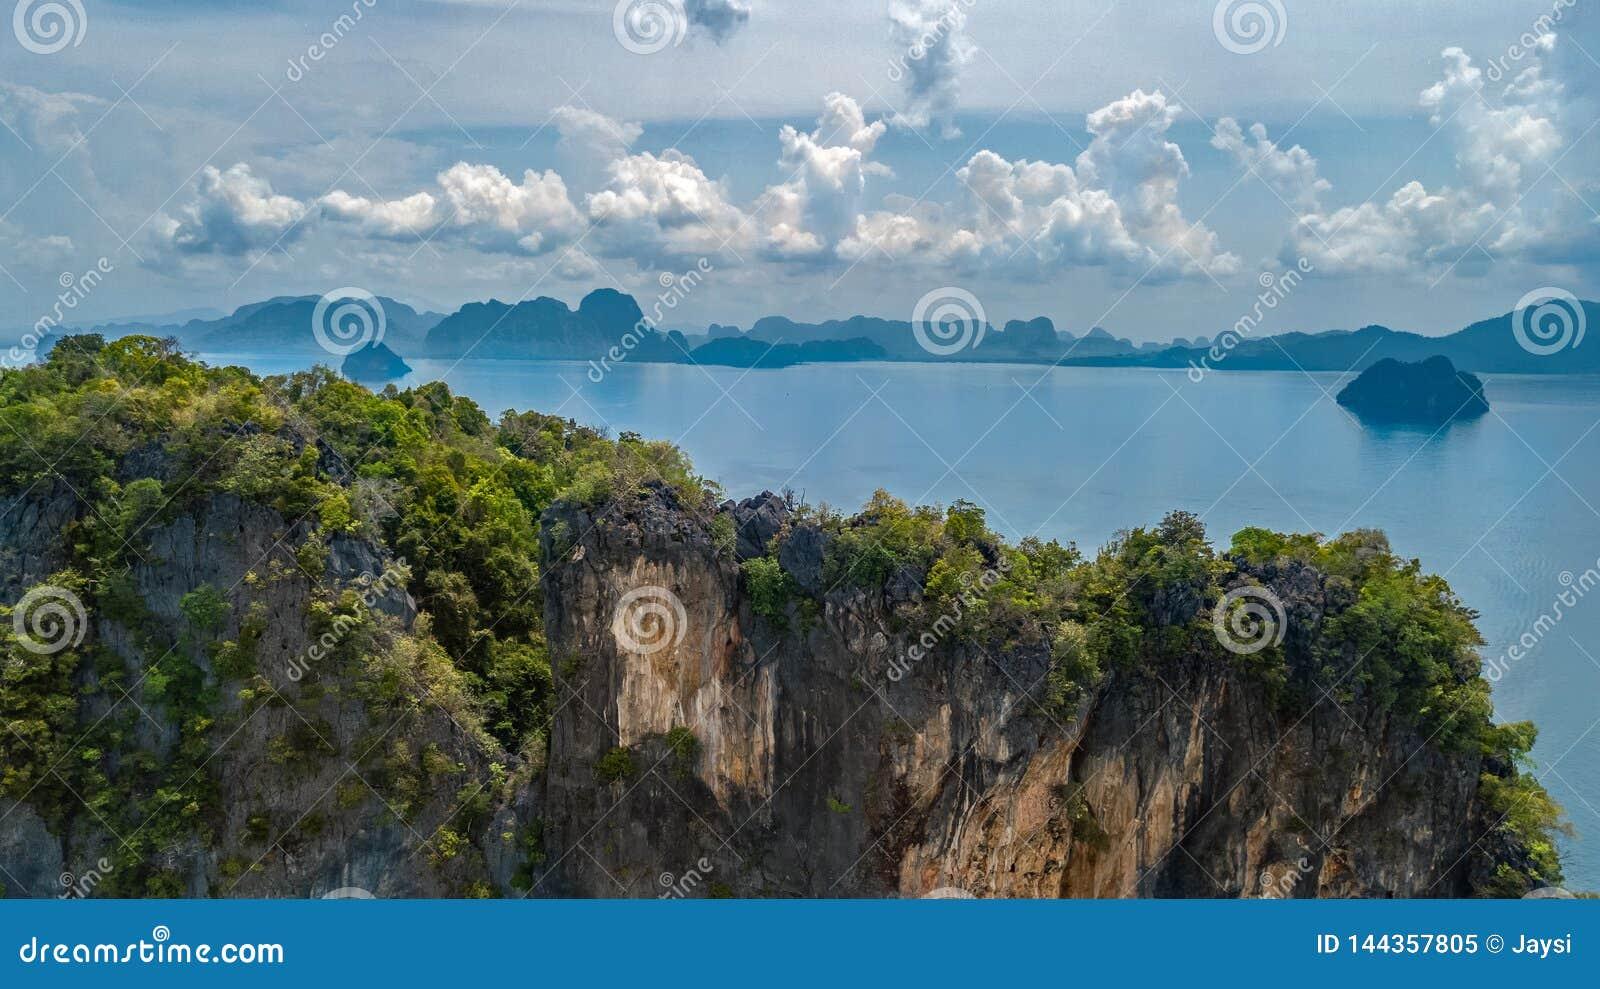 Εναέρια άποψη κηφήνων των τροπικών νησιών, των παραλιών και των βαρκών στο μπλε σαφές θαλάσσιο νερό Andaman άνωθεν, όμορφα νησιά